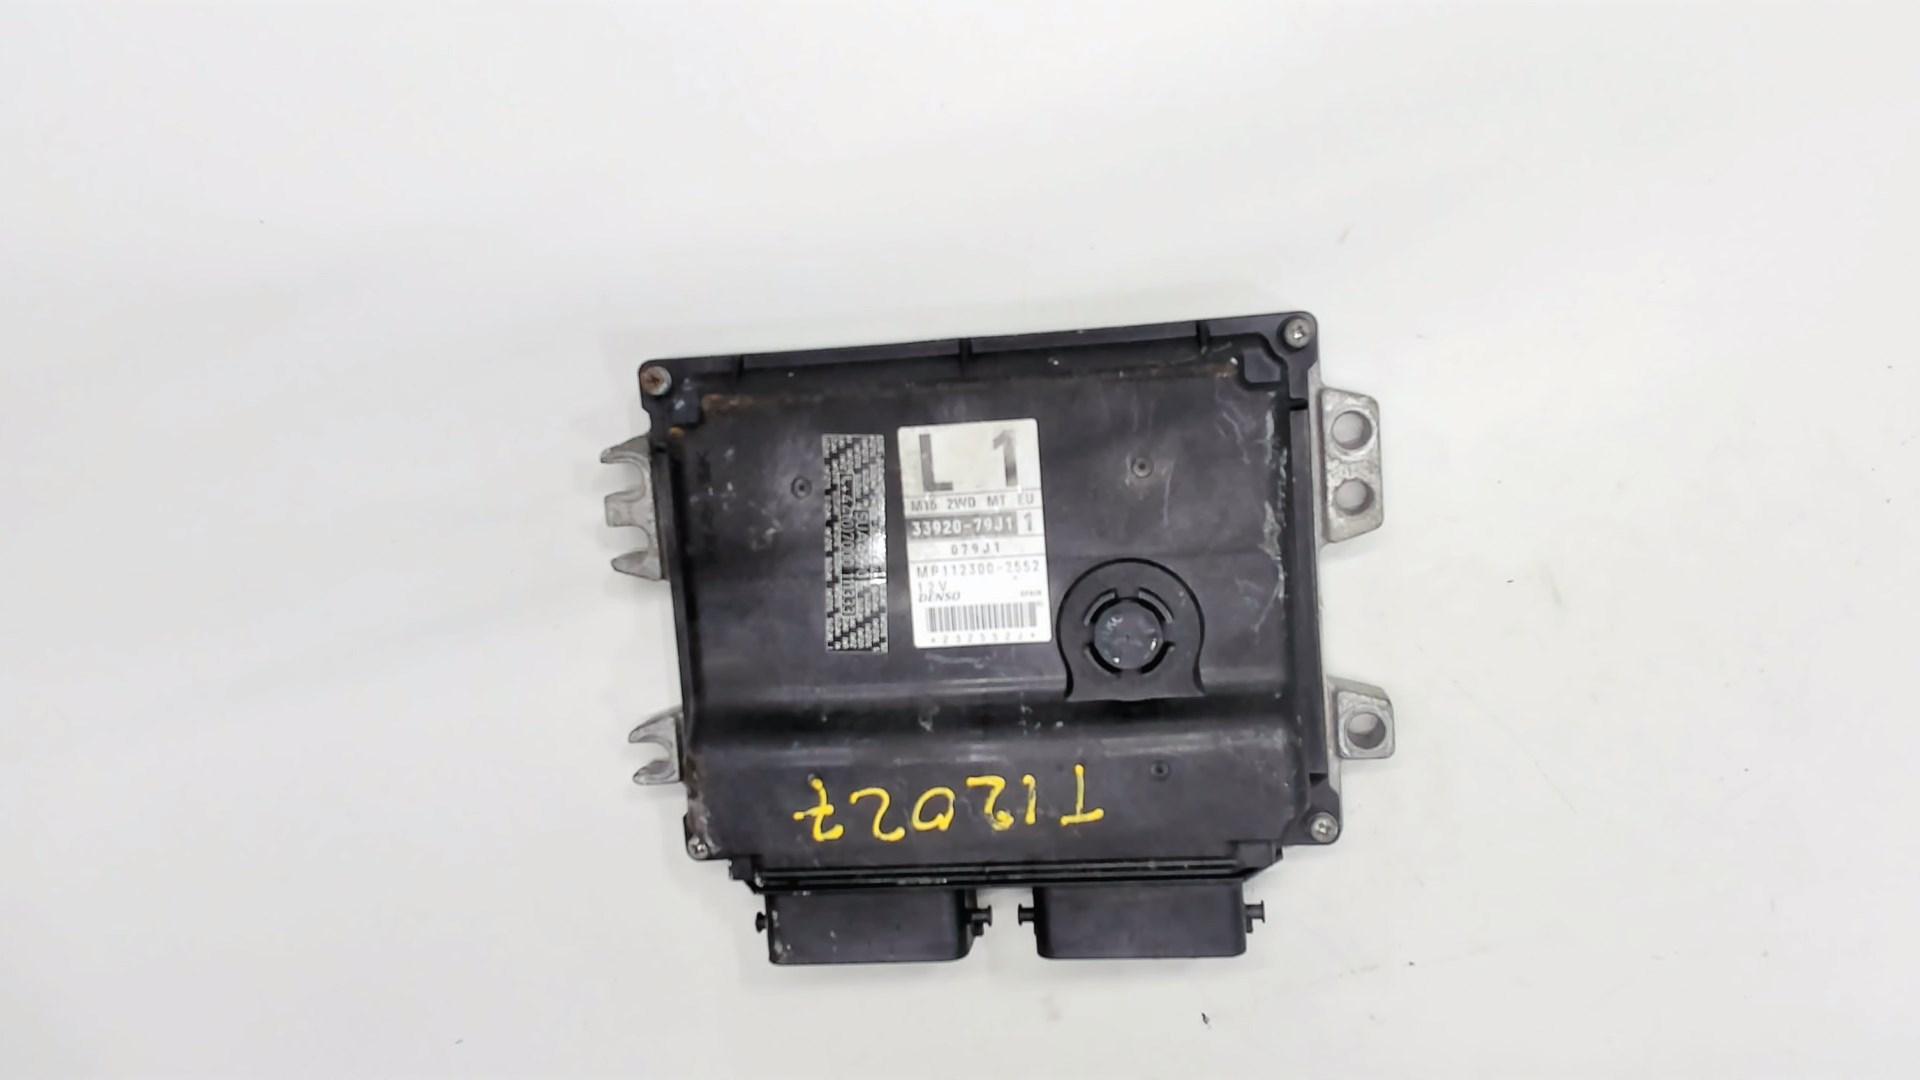 Блок управления (другие) Suzuki SX4 1 33920-79j1 / mb112300-2552 / 3392079j1 / mb1123002552